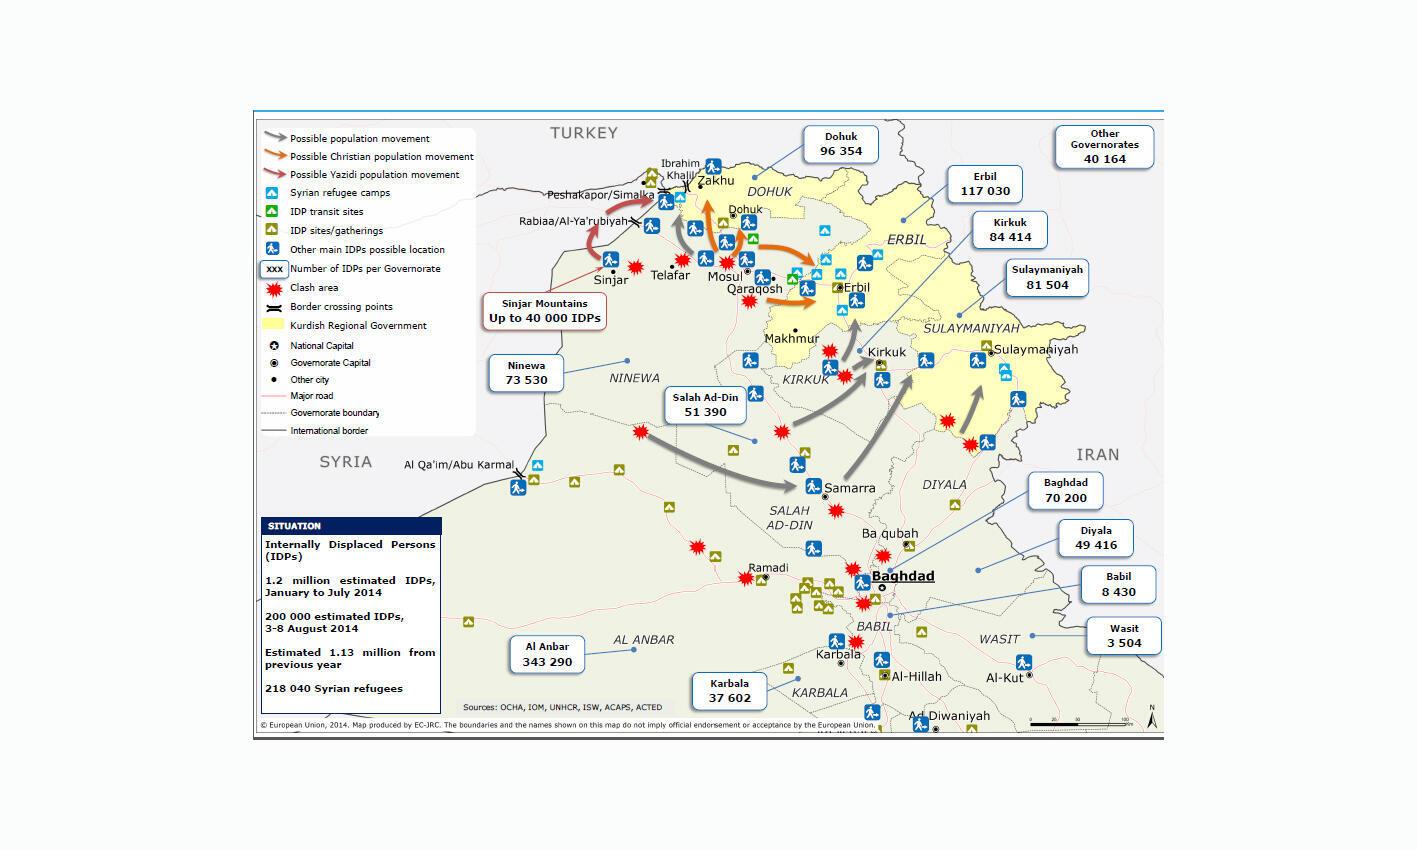 Cartes des déplacements des populations fuyant l'avancée des jihadistes de l'Etat islamique dans le nord de l'Irak (au 13 août 2013).